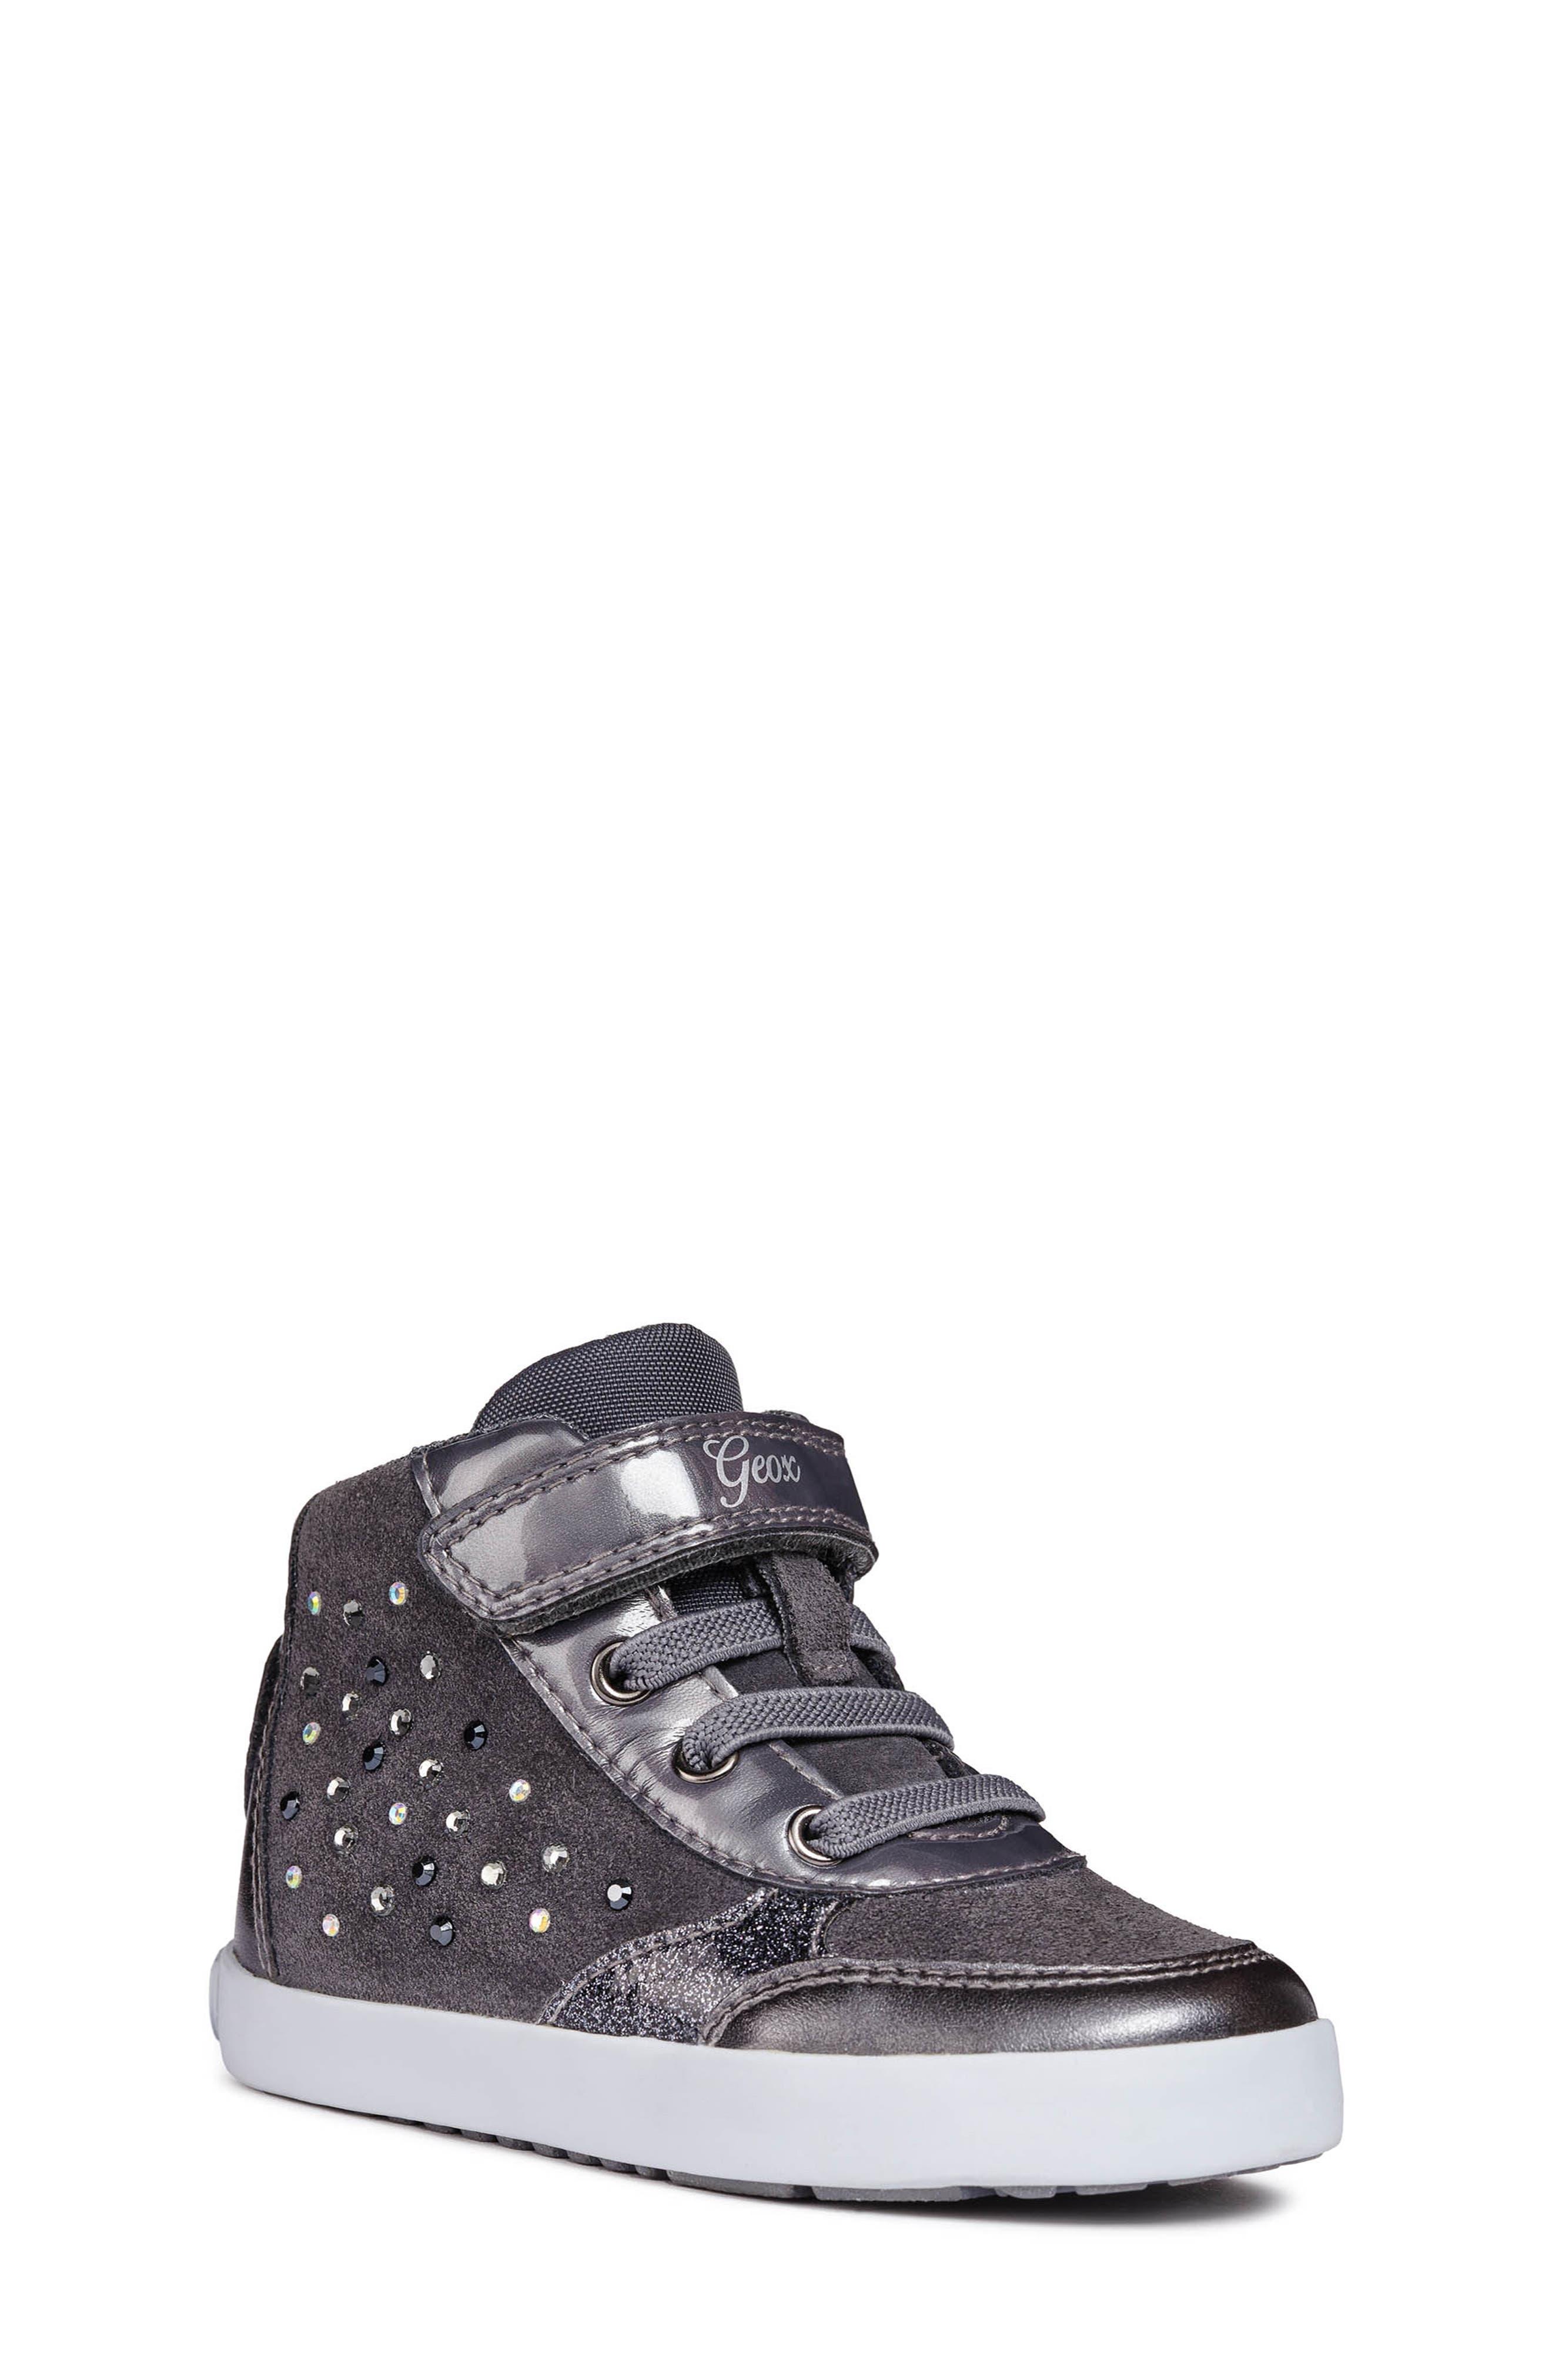 Kilwi High Top Sneaker,                             Main thumbnail 1, color,                             DARK GREY